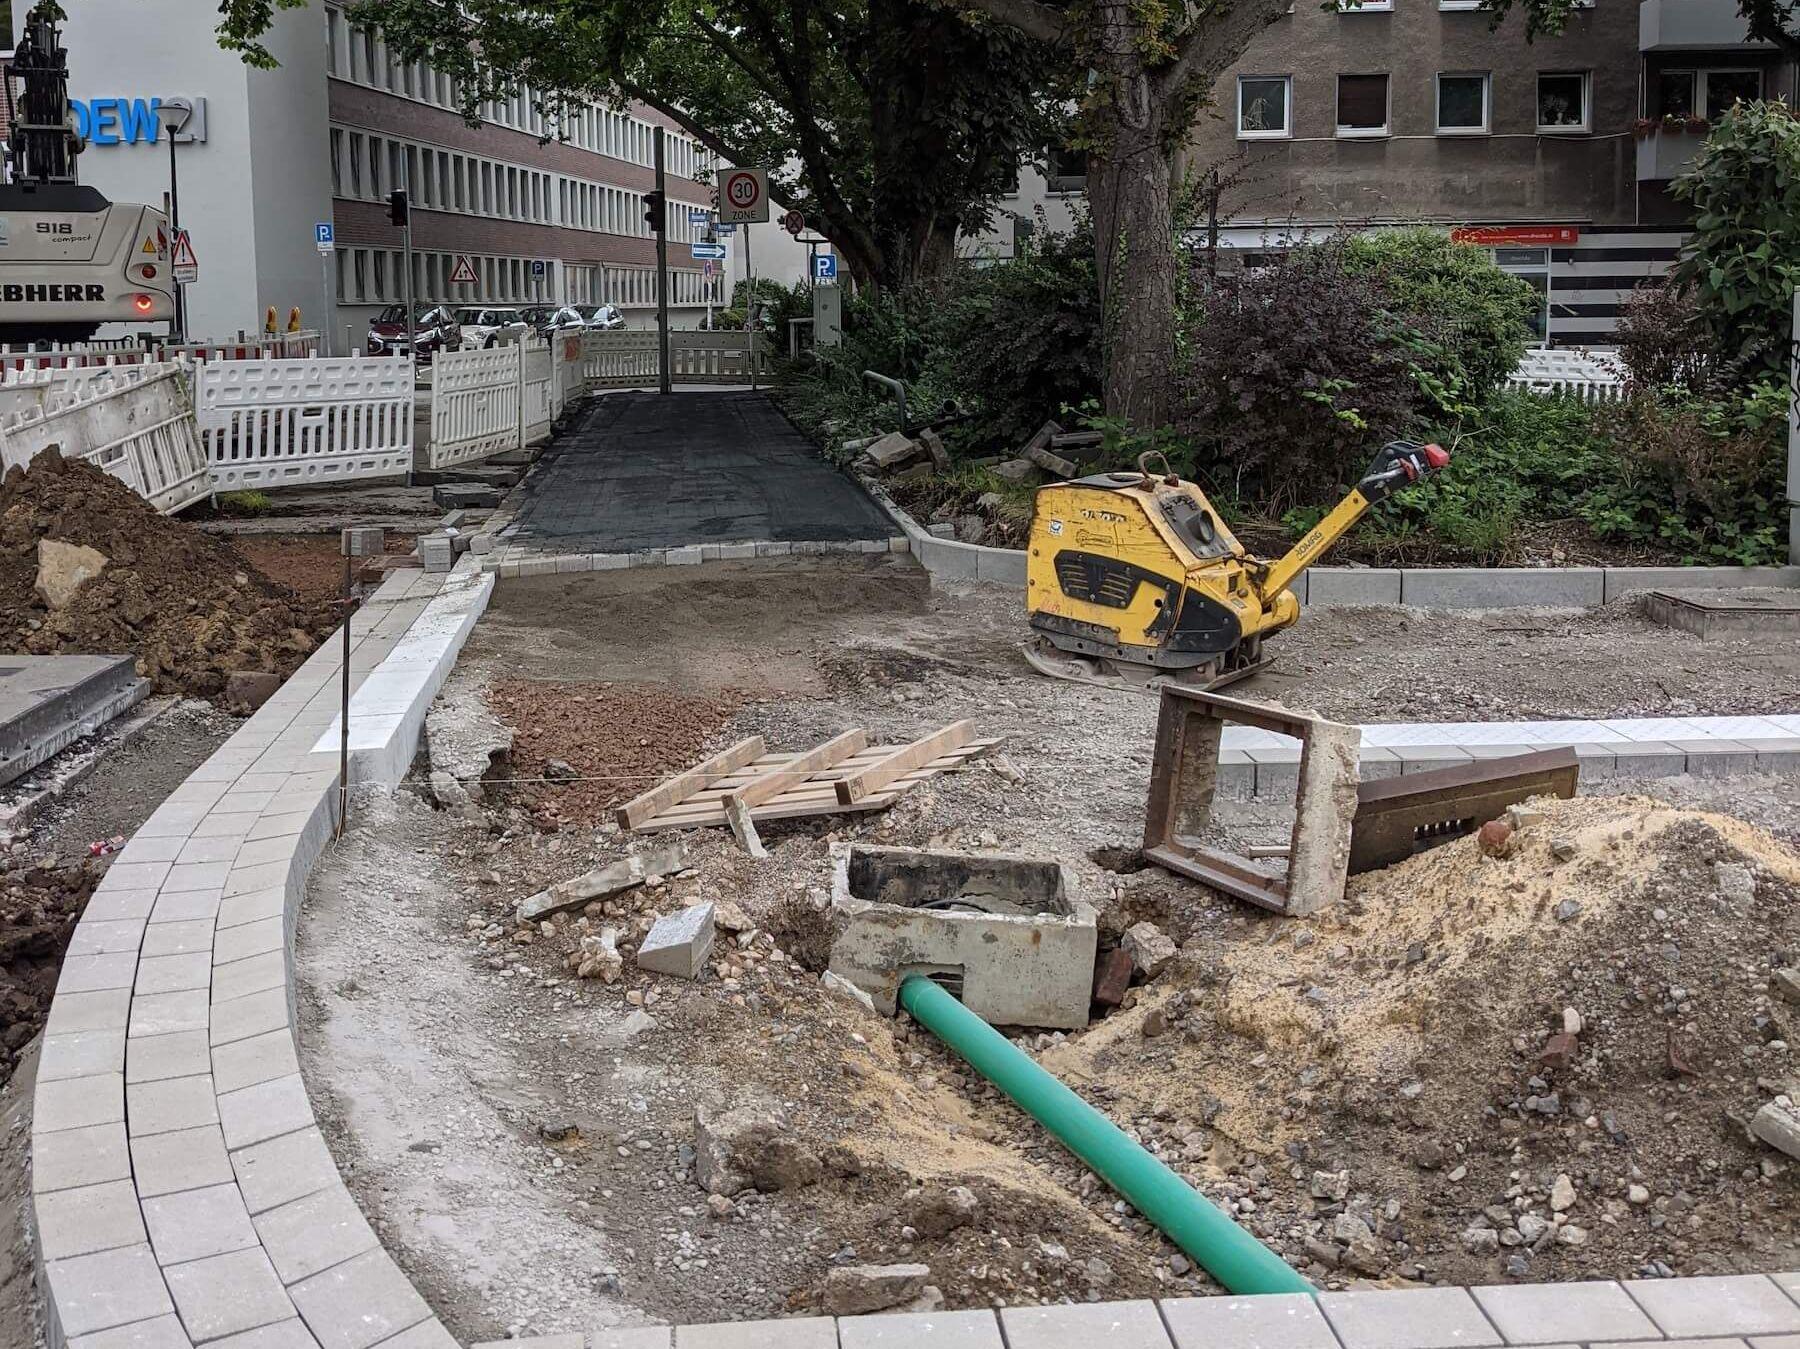 Baustelle im Einmündungsbereich des Ostwalls in die Straße Rosental